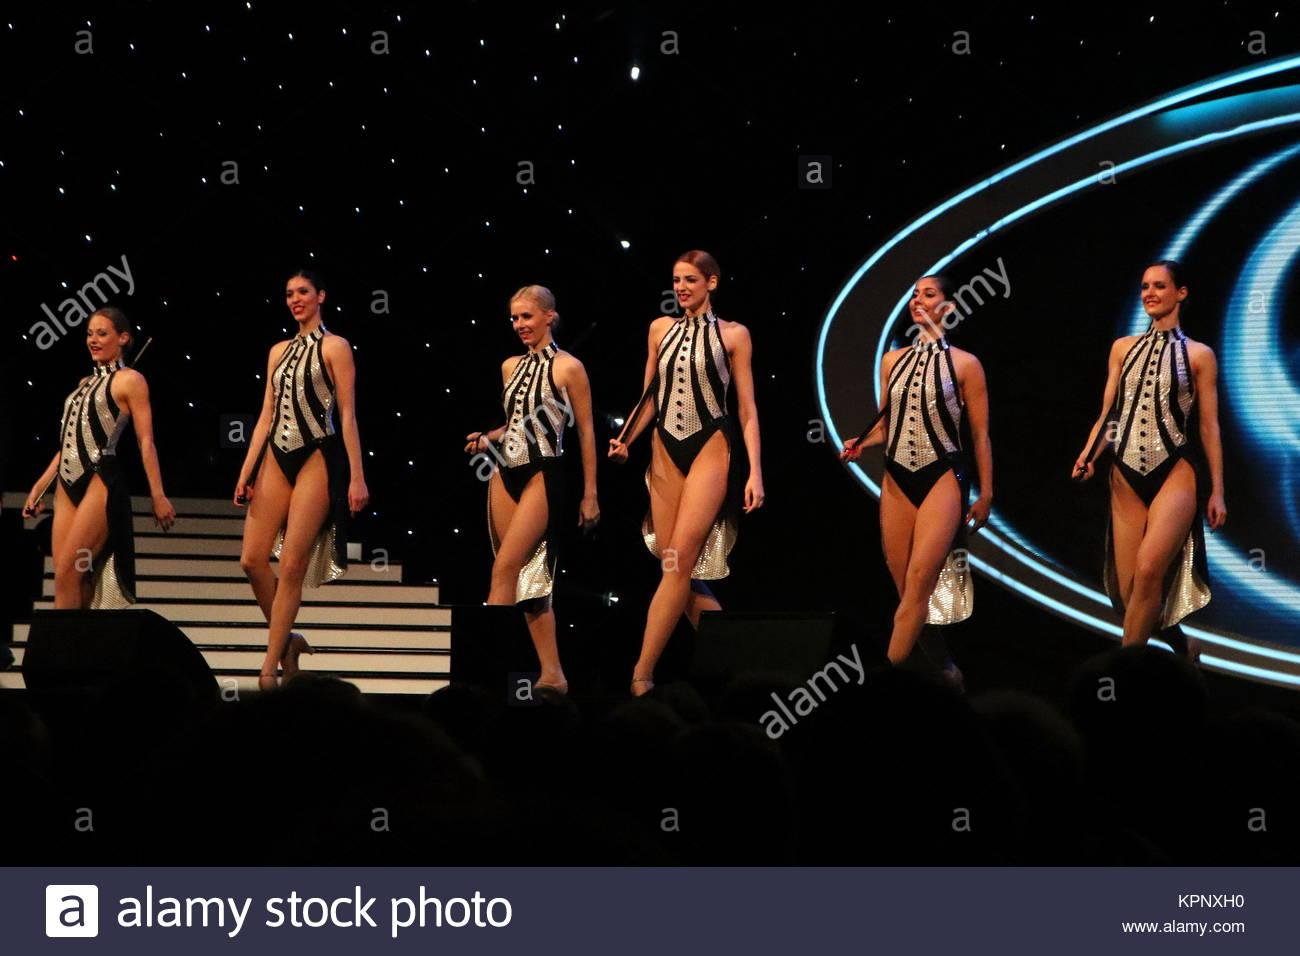 Fernseh-Ballett des Tänzerinnen Deutsches bei Willkommen bei Carmen Nebel FREIBURG - 11.04.2016 Imagens de Stock